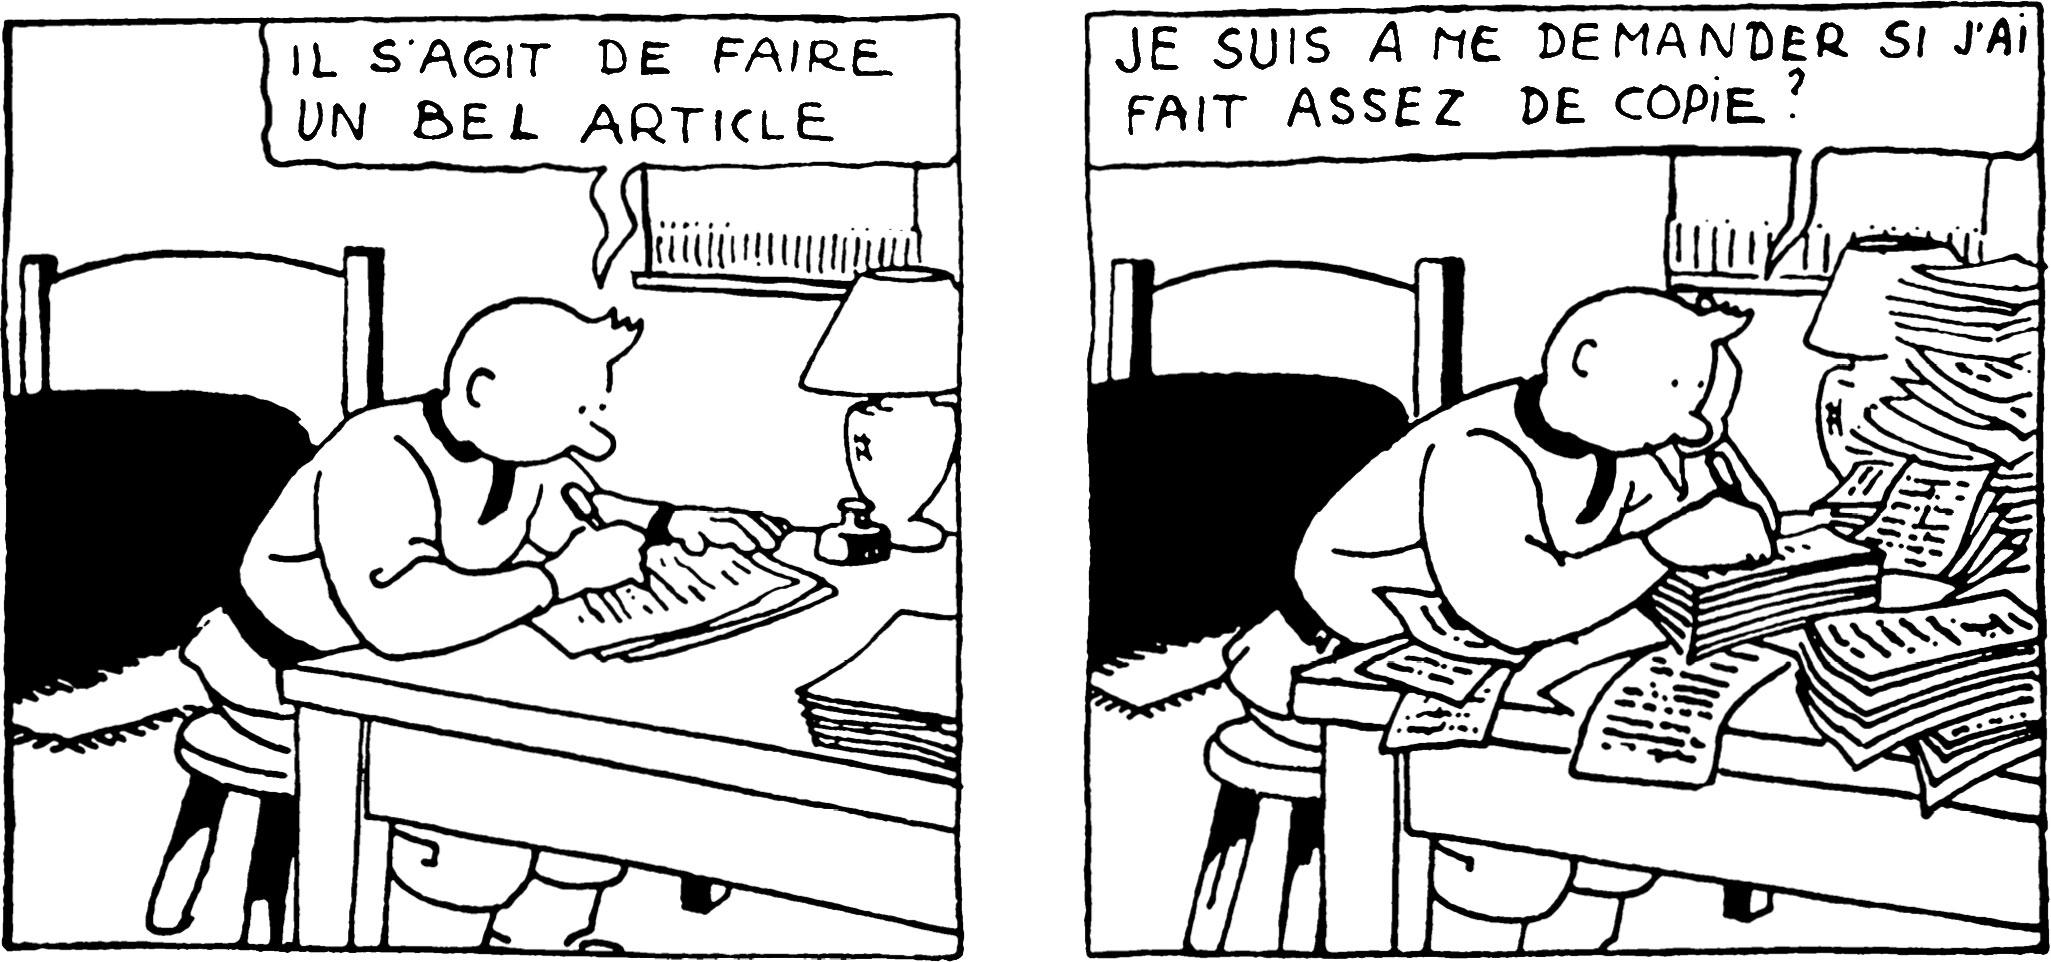 Tintin au pays des Soviets Il s'agit d'écrire un bel article